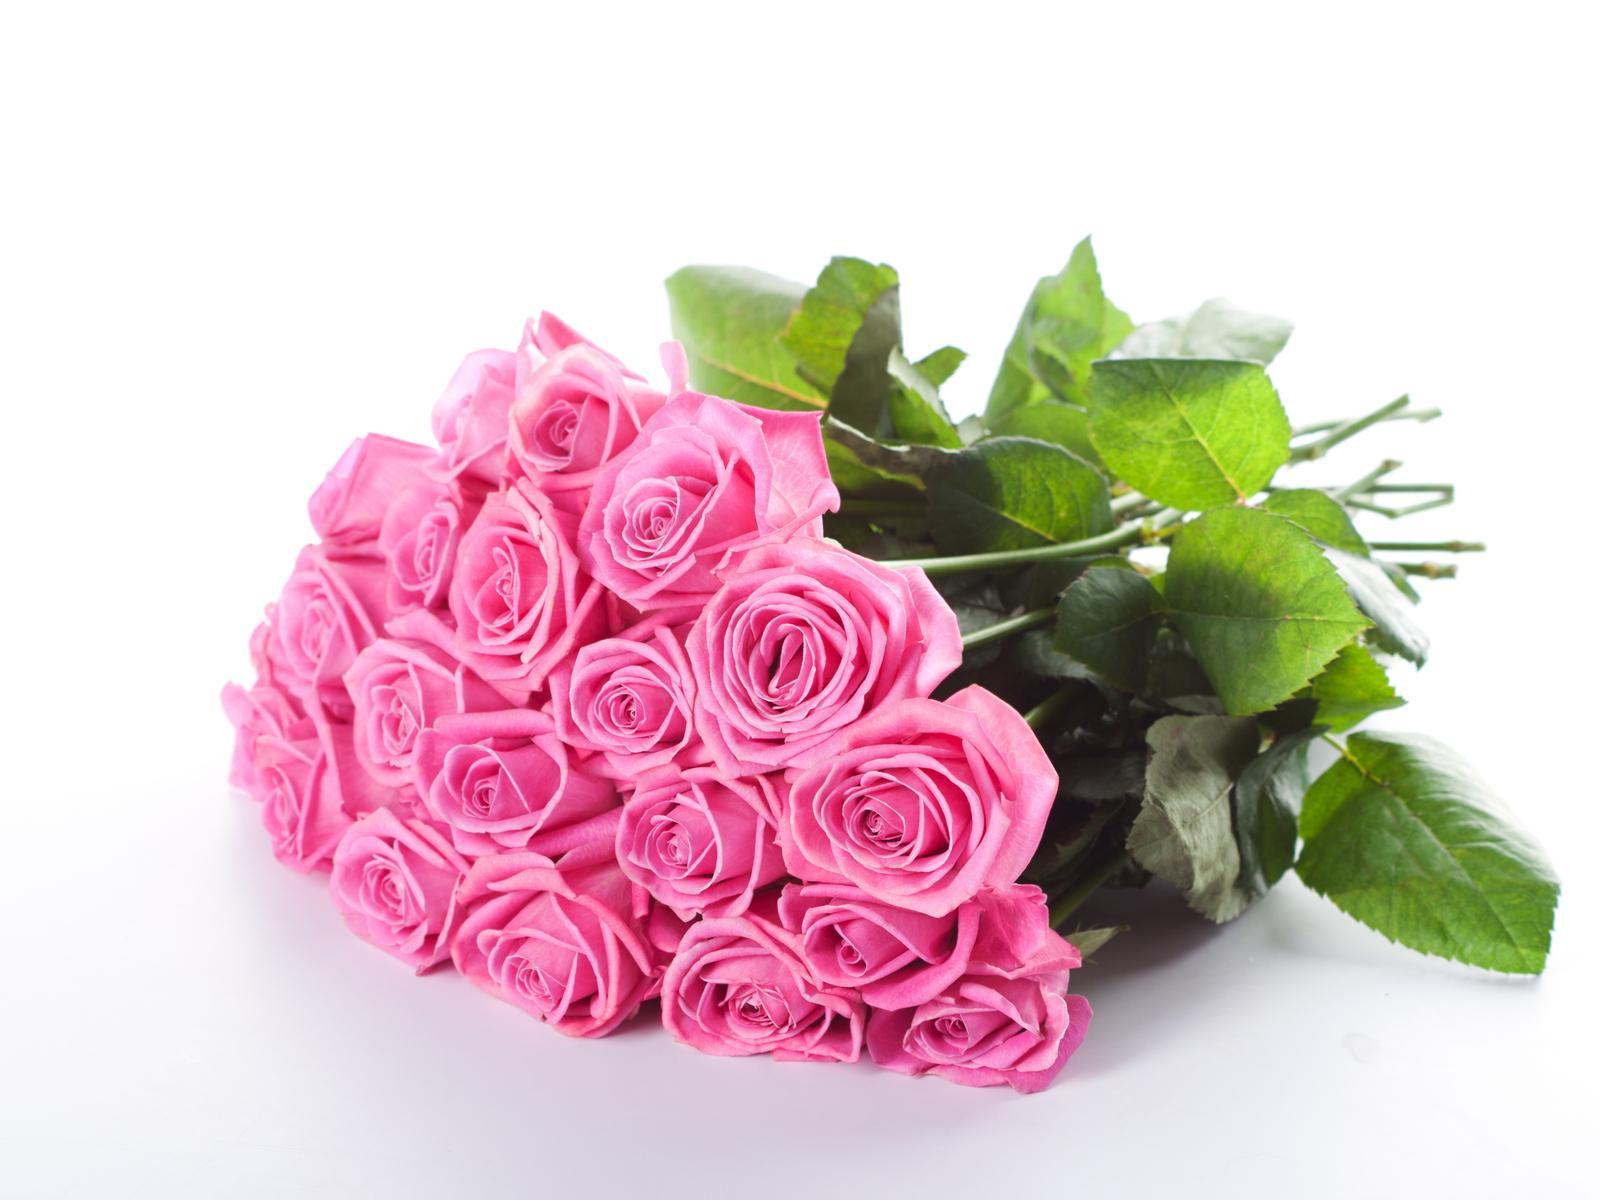 6 Gambar Bunga Mawar Cantik Cocok Untuk Wallpaper Pink Rose Flower Bokeh 45275 Hd Wallpaper Backgrounds Download